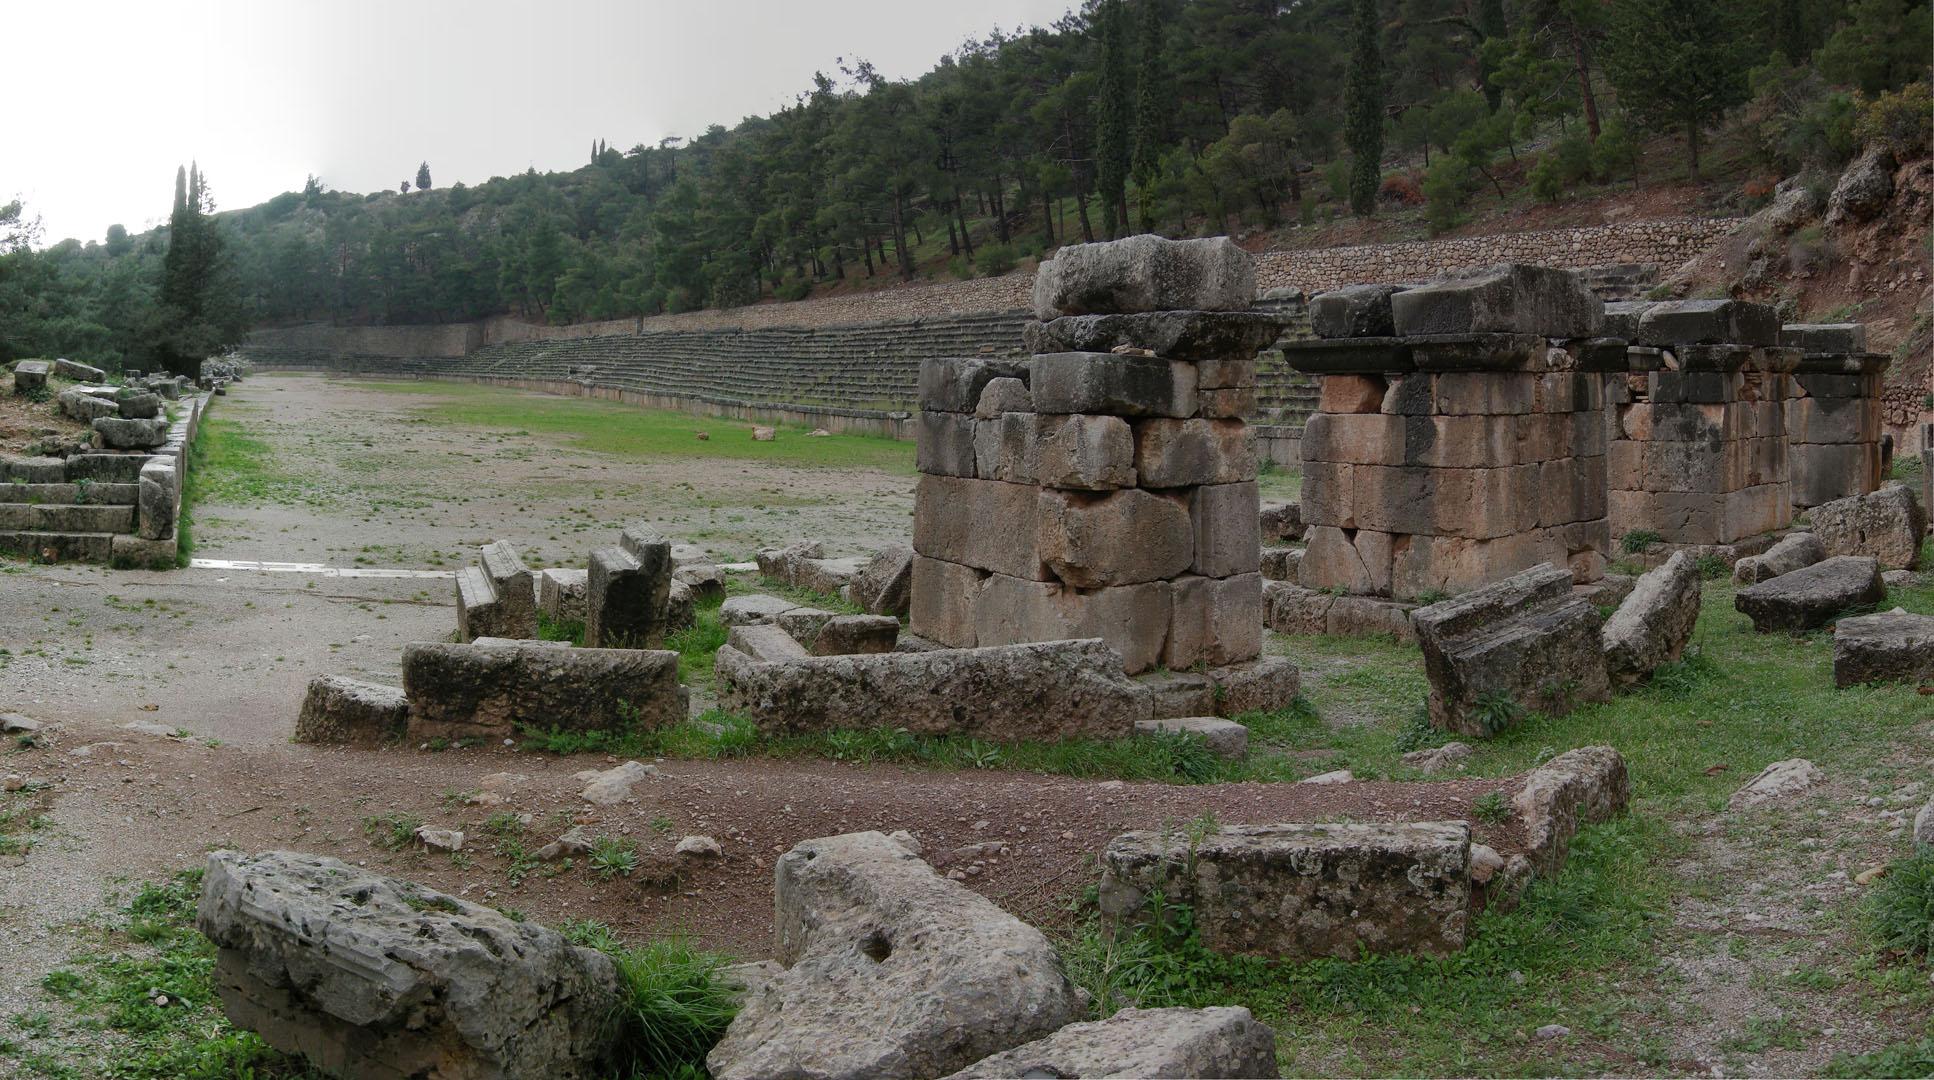 The_Ancient_stadium_at_Delphi 201229